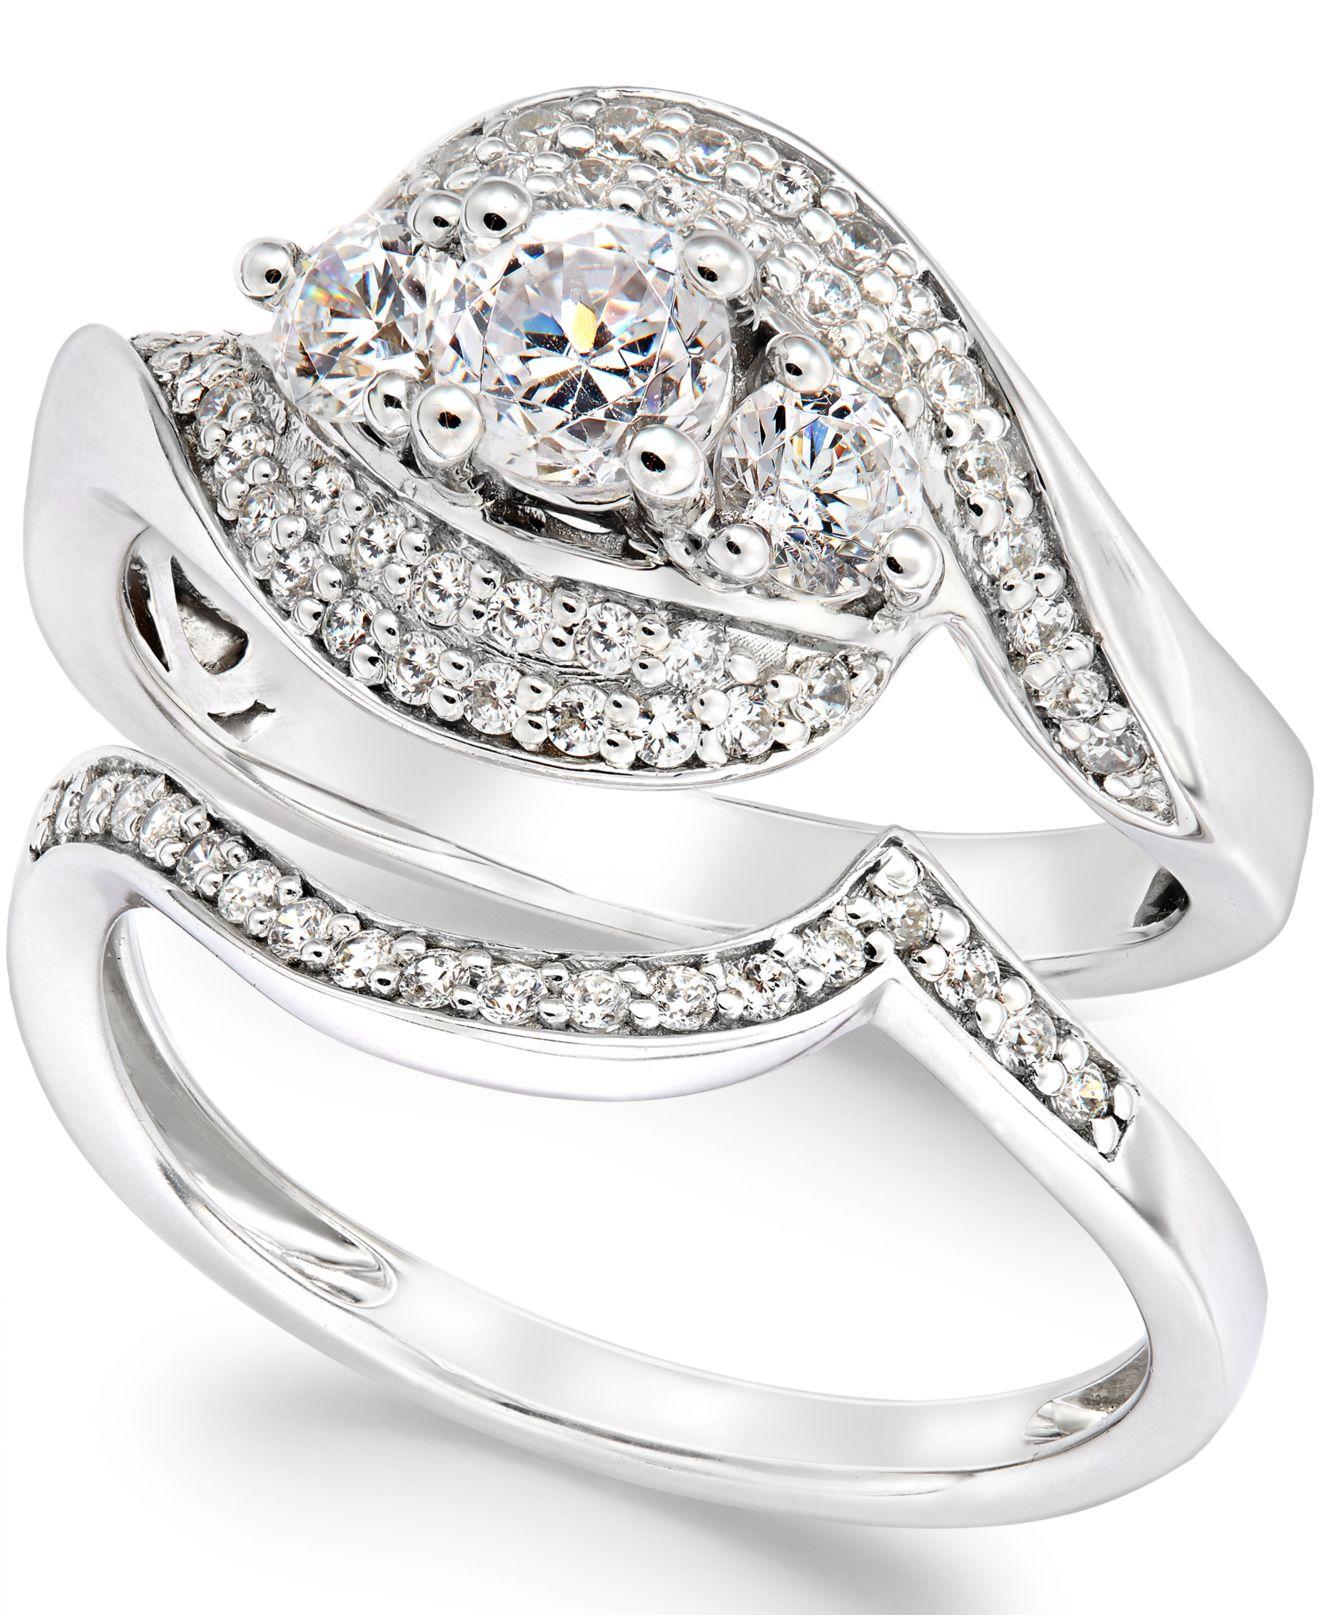 Macy s Diamond Bridal Set In 14k White Gold 1 Ct T w in Gray